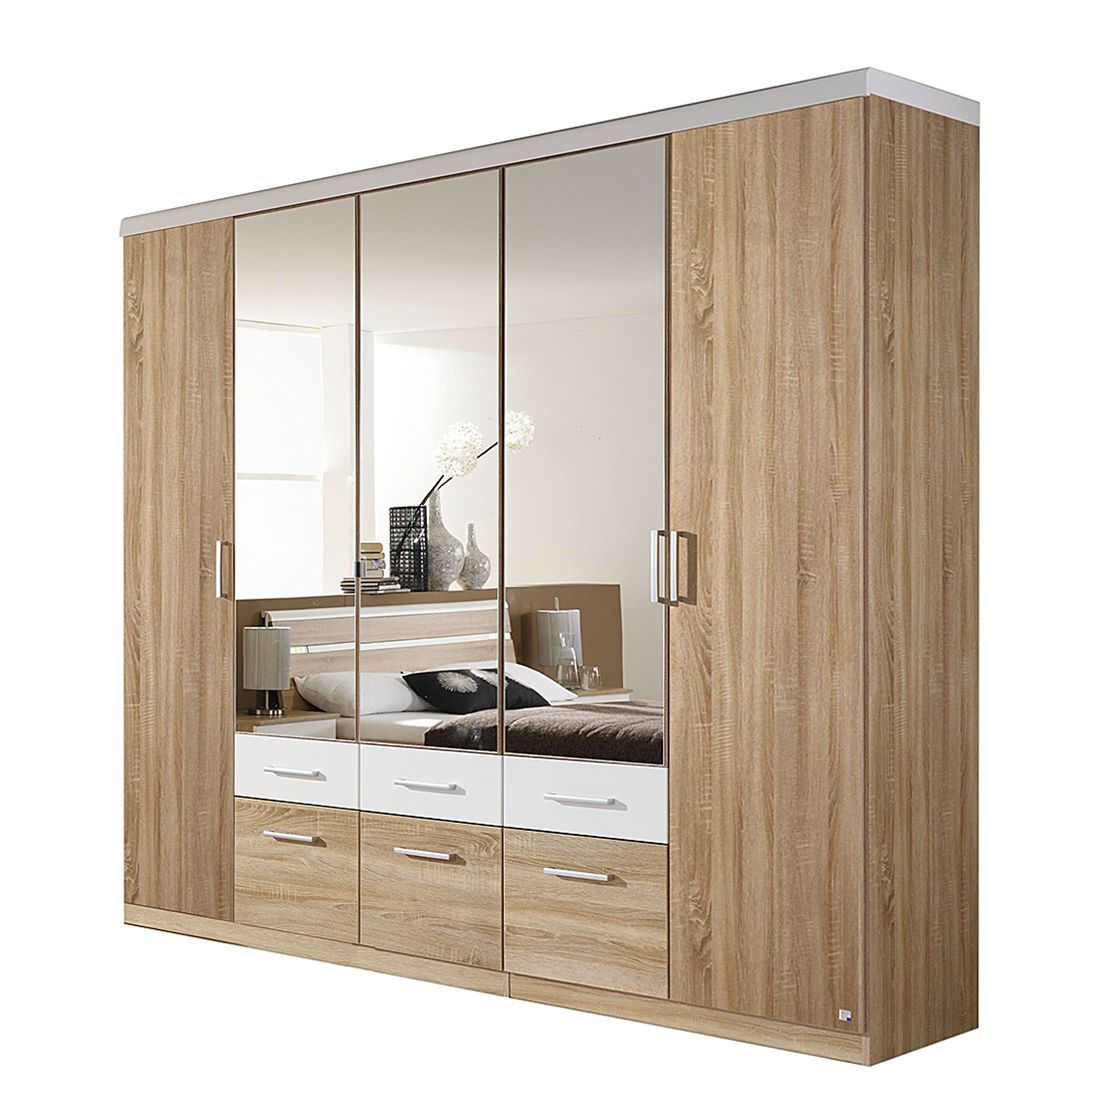 dreht renkombischrank rasa mit ohne spiegel eiche sonoma dekor alpinwei schrankbreite. Black Bedroom Furniture Sets. Home Design Ideas